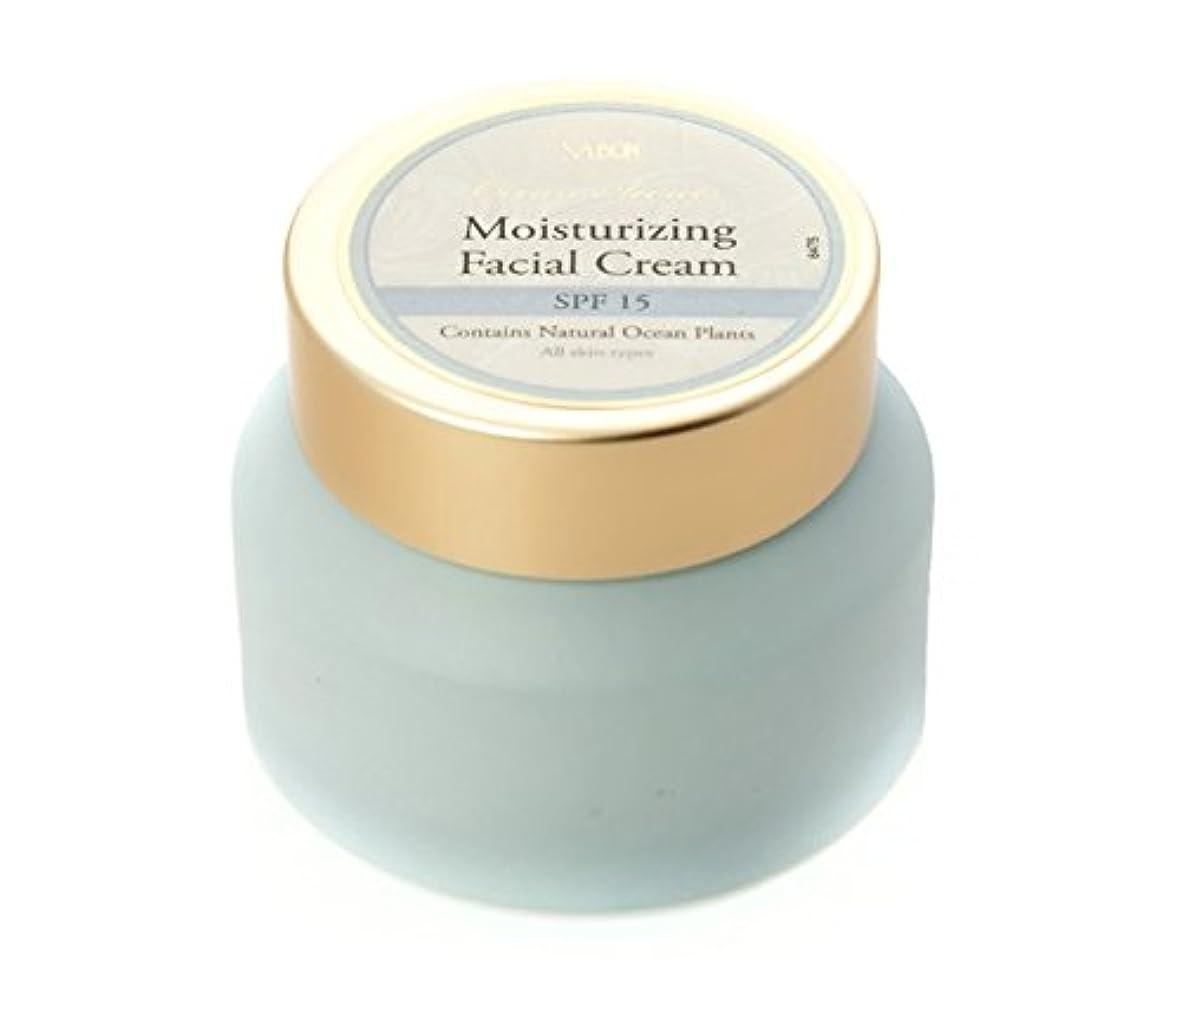 コインバイオリン固める【SABON(サボン)】モイスチャライジング フェイシャルクリームSPF15(Ocean Secrets AP Moisturizing Facial Cream SPF 15)イスラエル発 並行輸入品 海外直送